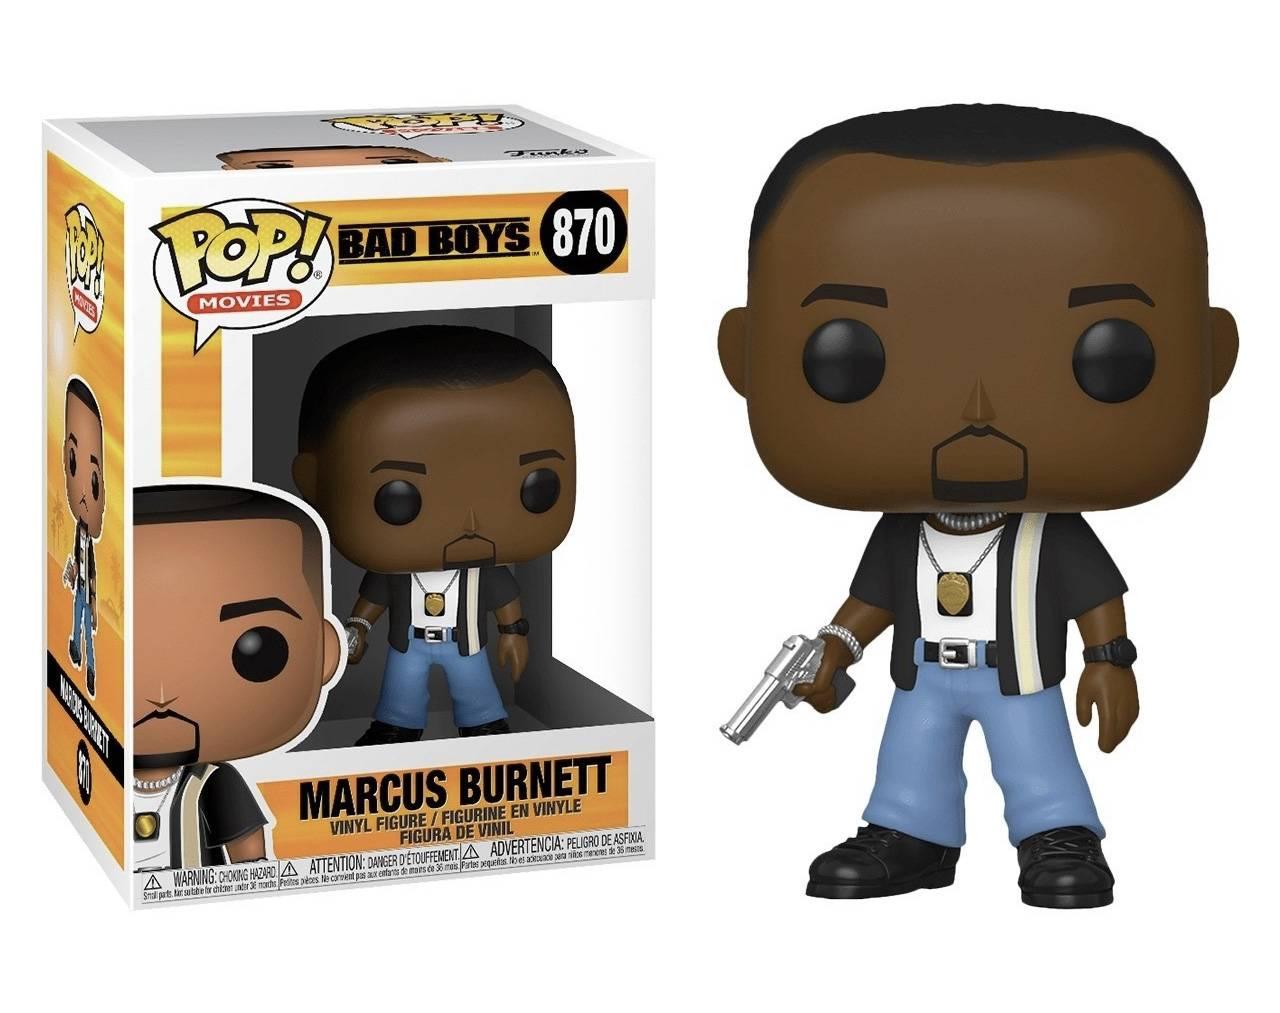 Marcus Burnett Pop! Vinyl